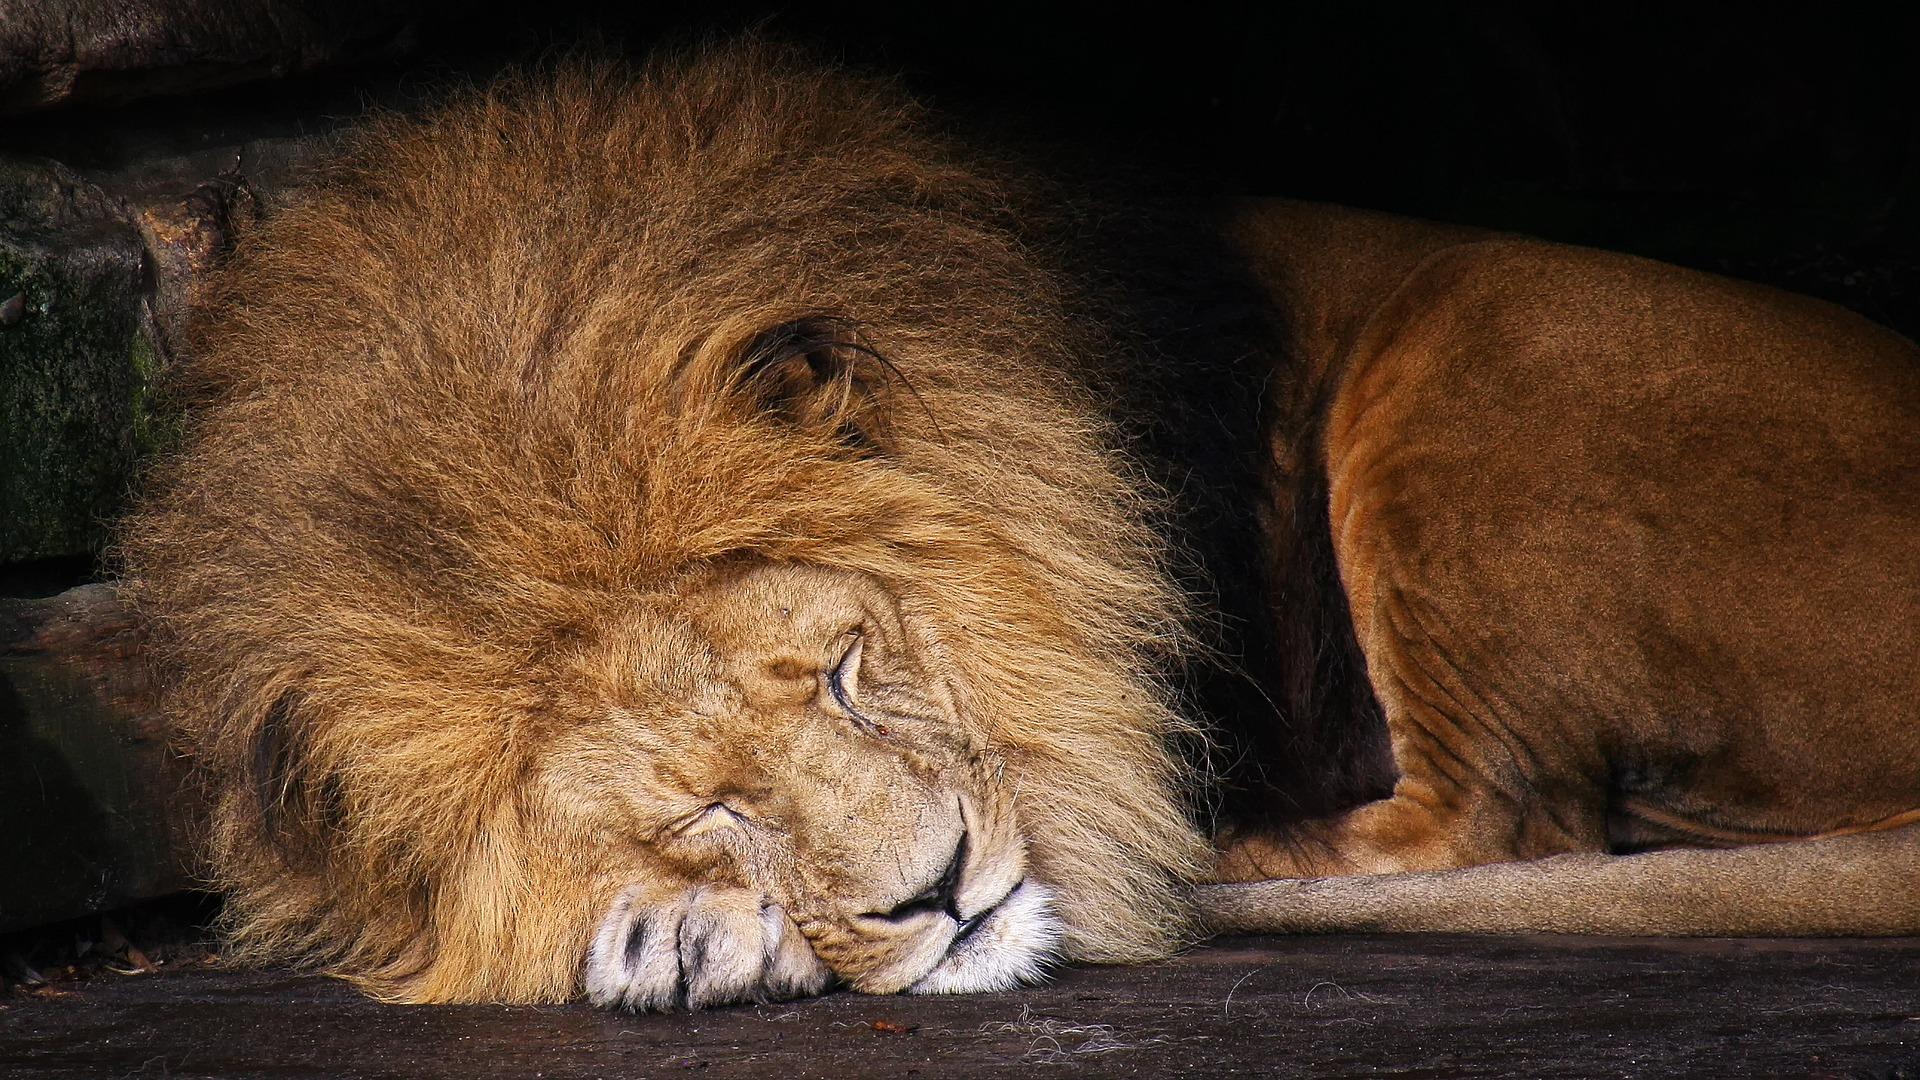 lion-1812316_1920